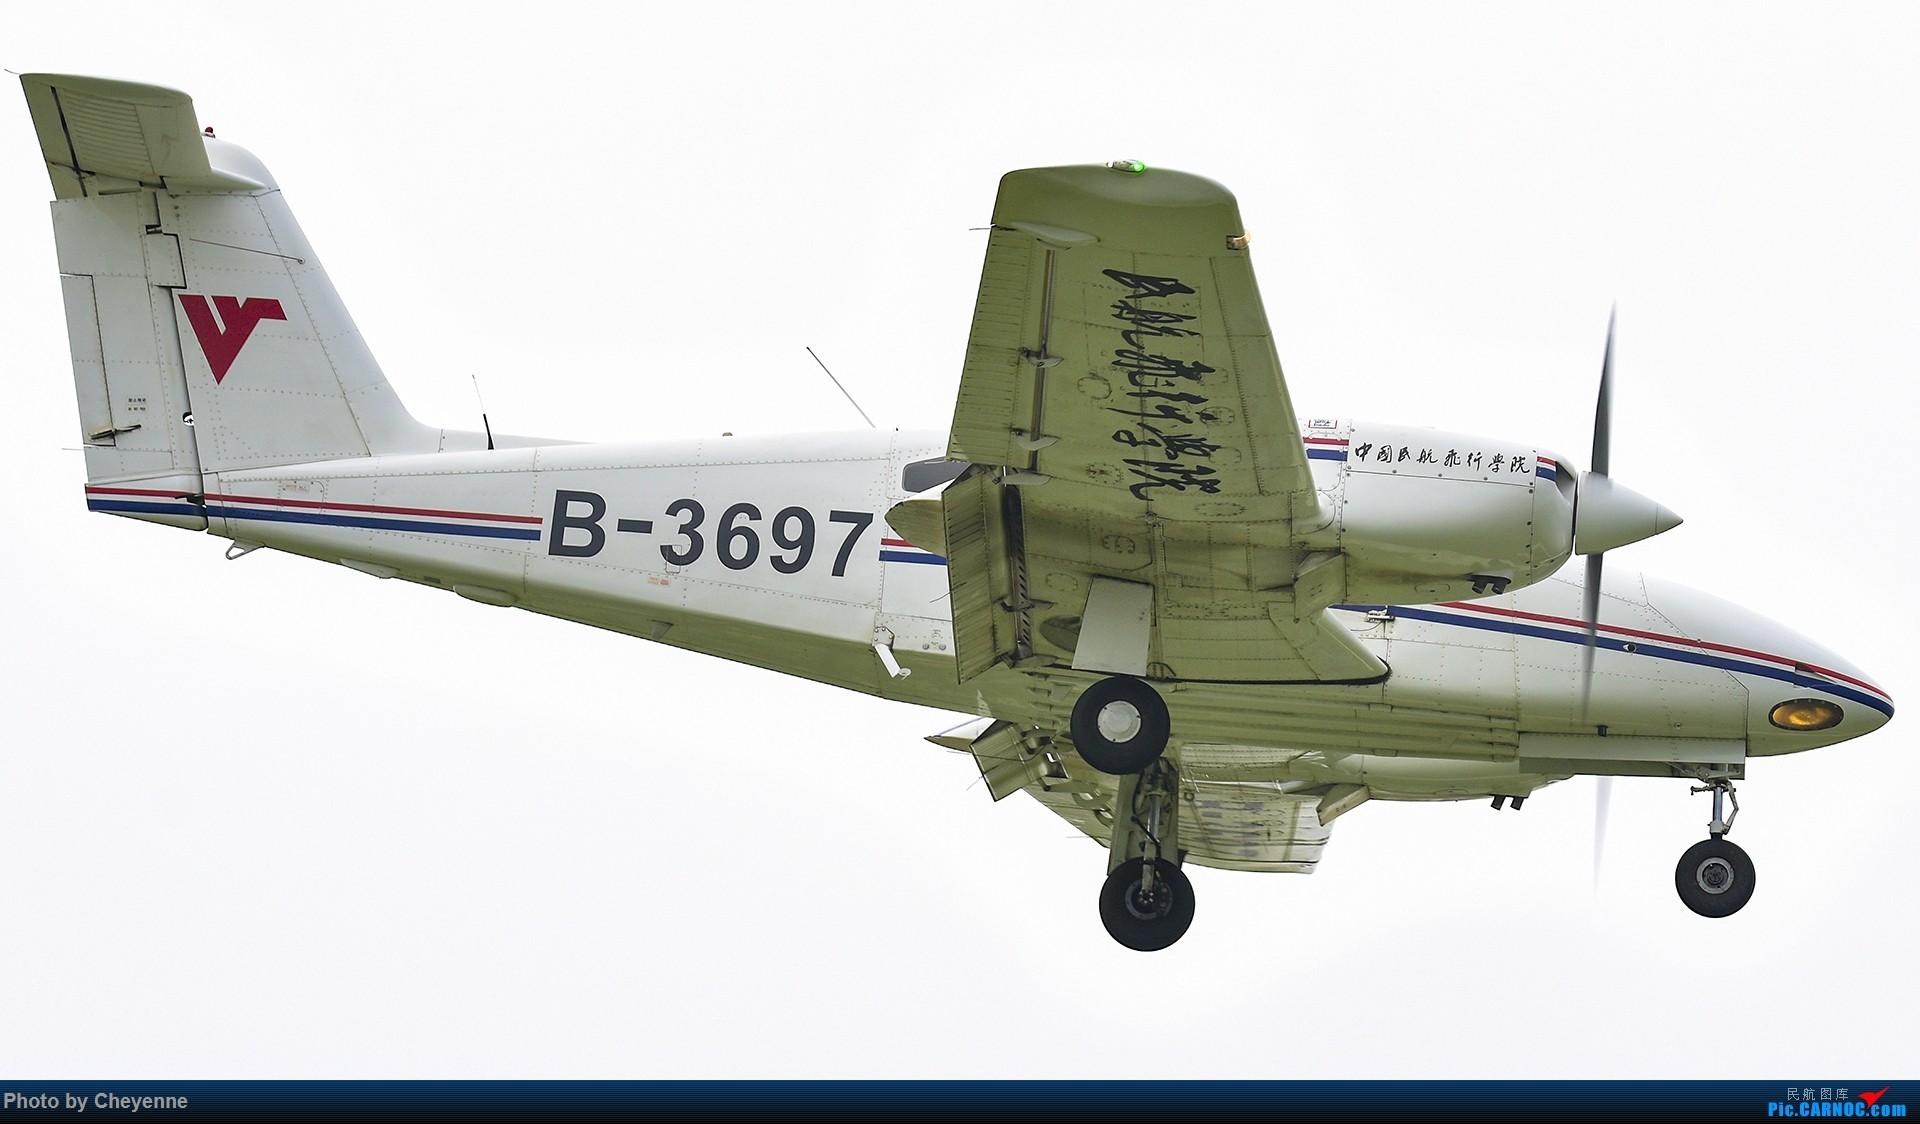 Re:[原创]鸭子河边的日常 PIPER PA-44-180 B-3697 中国广汉机场